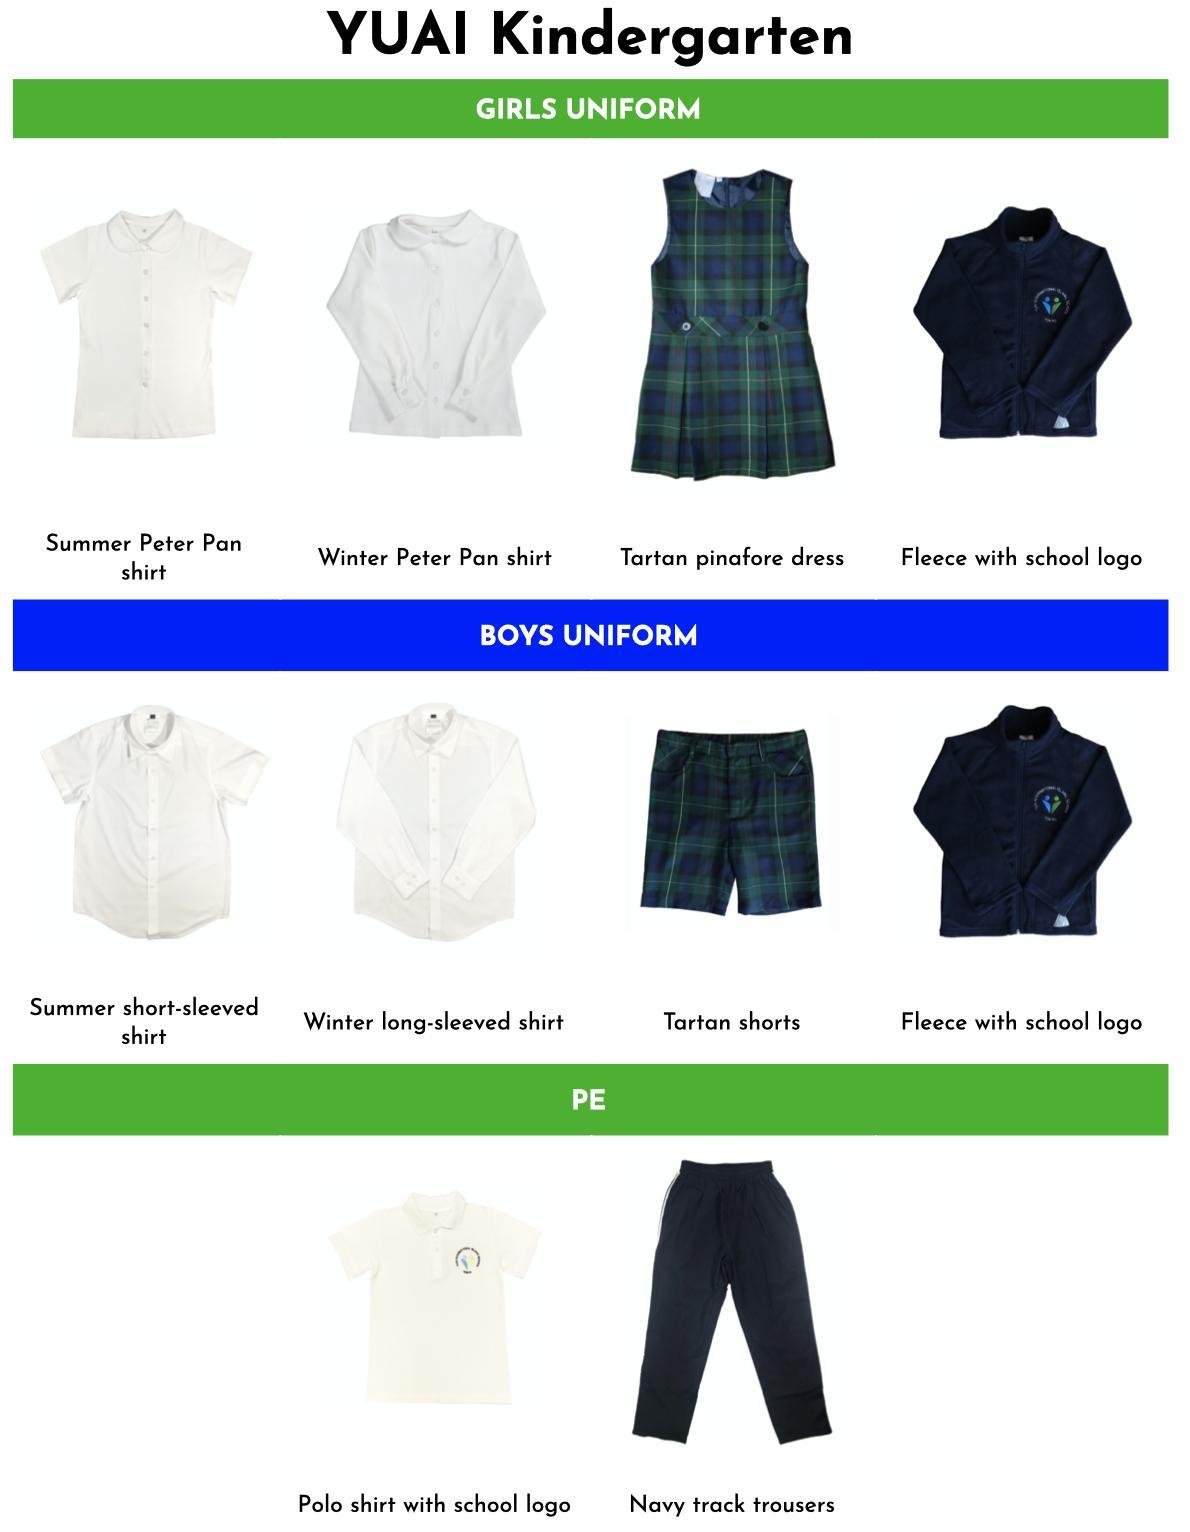 yuai-uniform-guide-2020-1.png